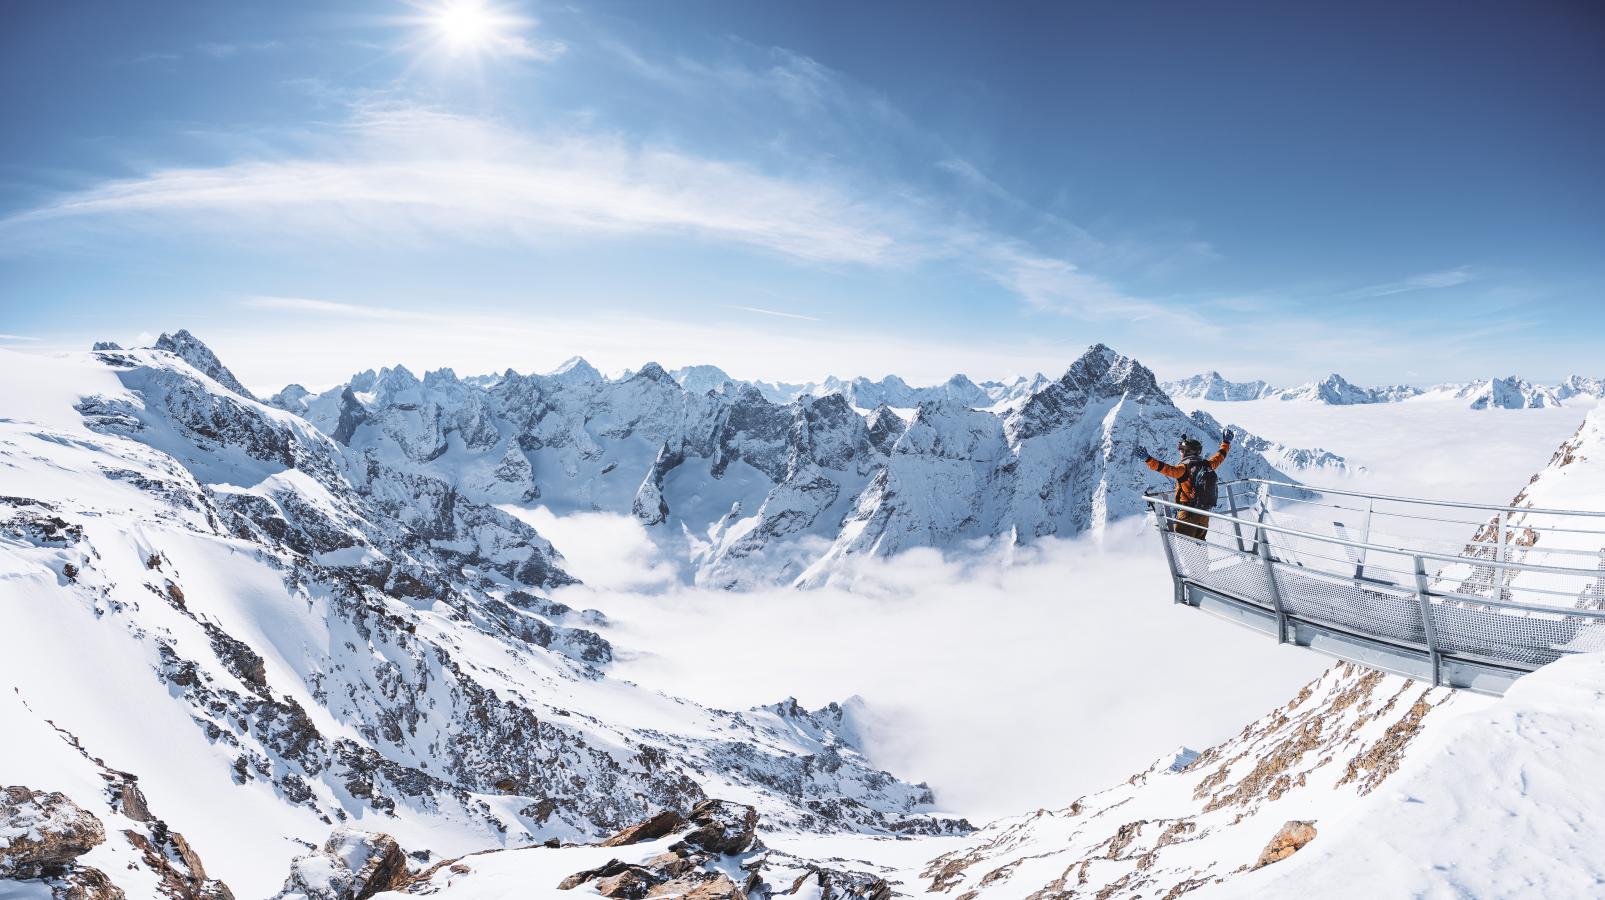 Pourquoi venir aux 2 Alpes en hiver ?